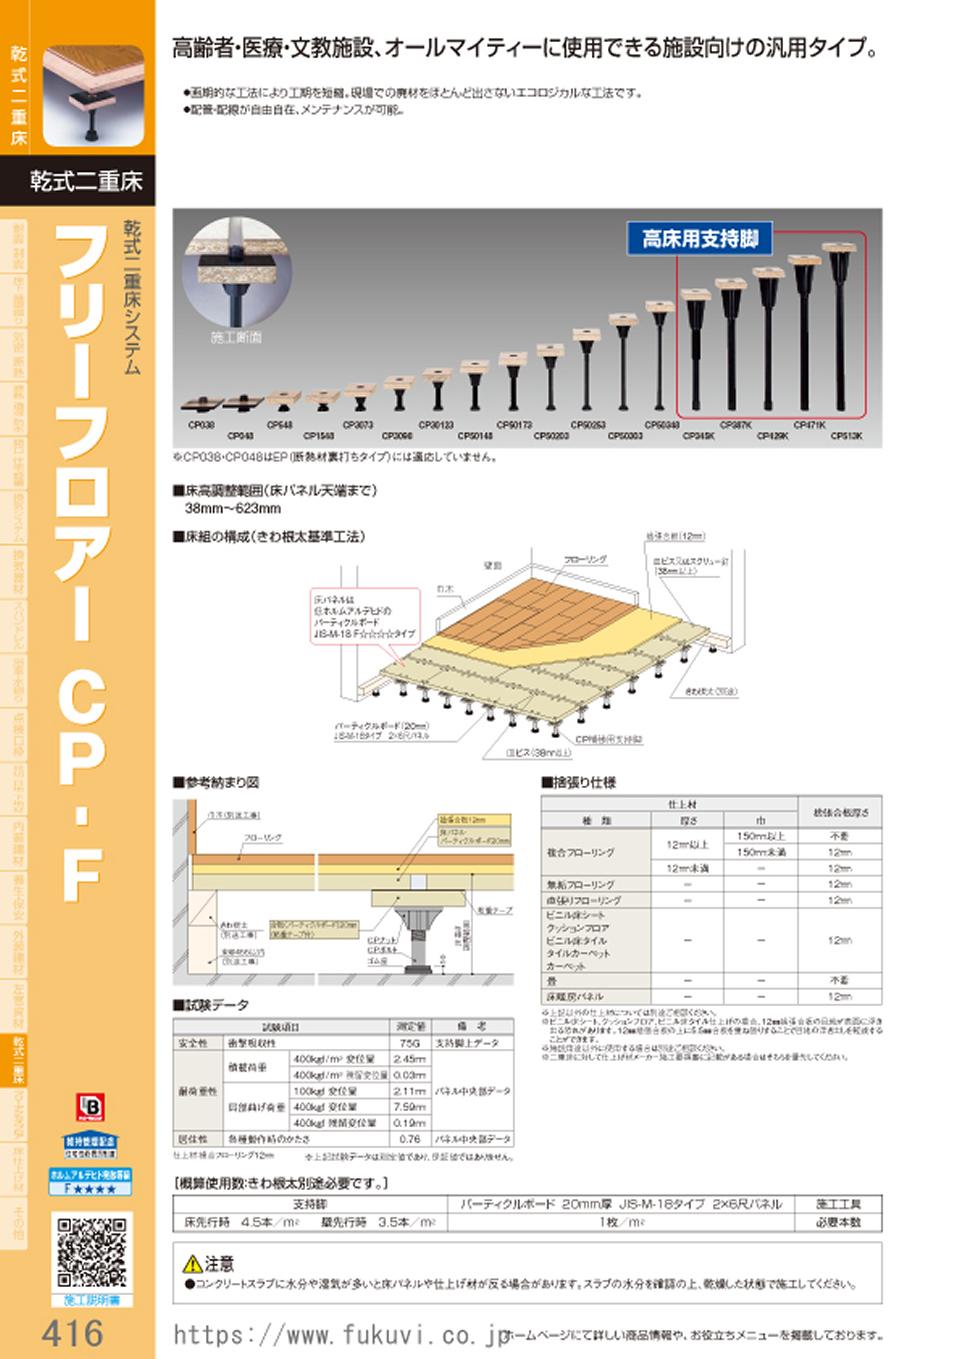 乾式二重床 乾式二重床システム フリーフロアーCP-F